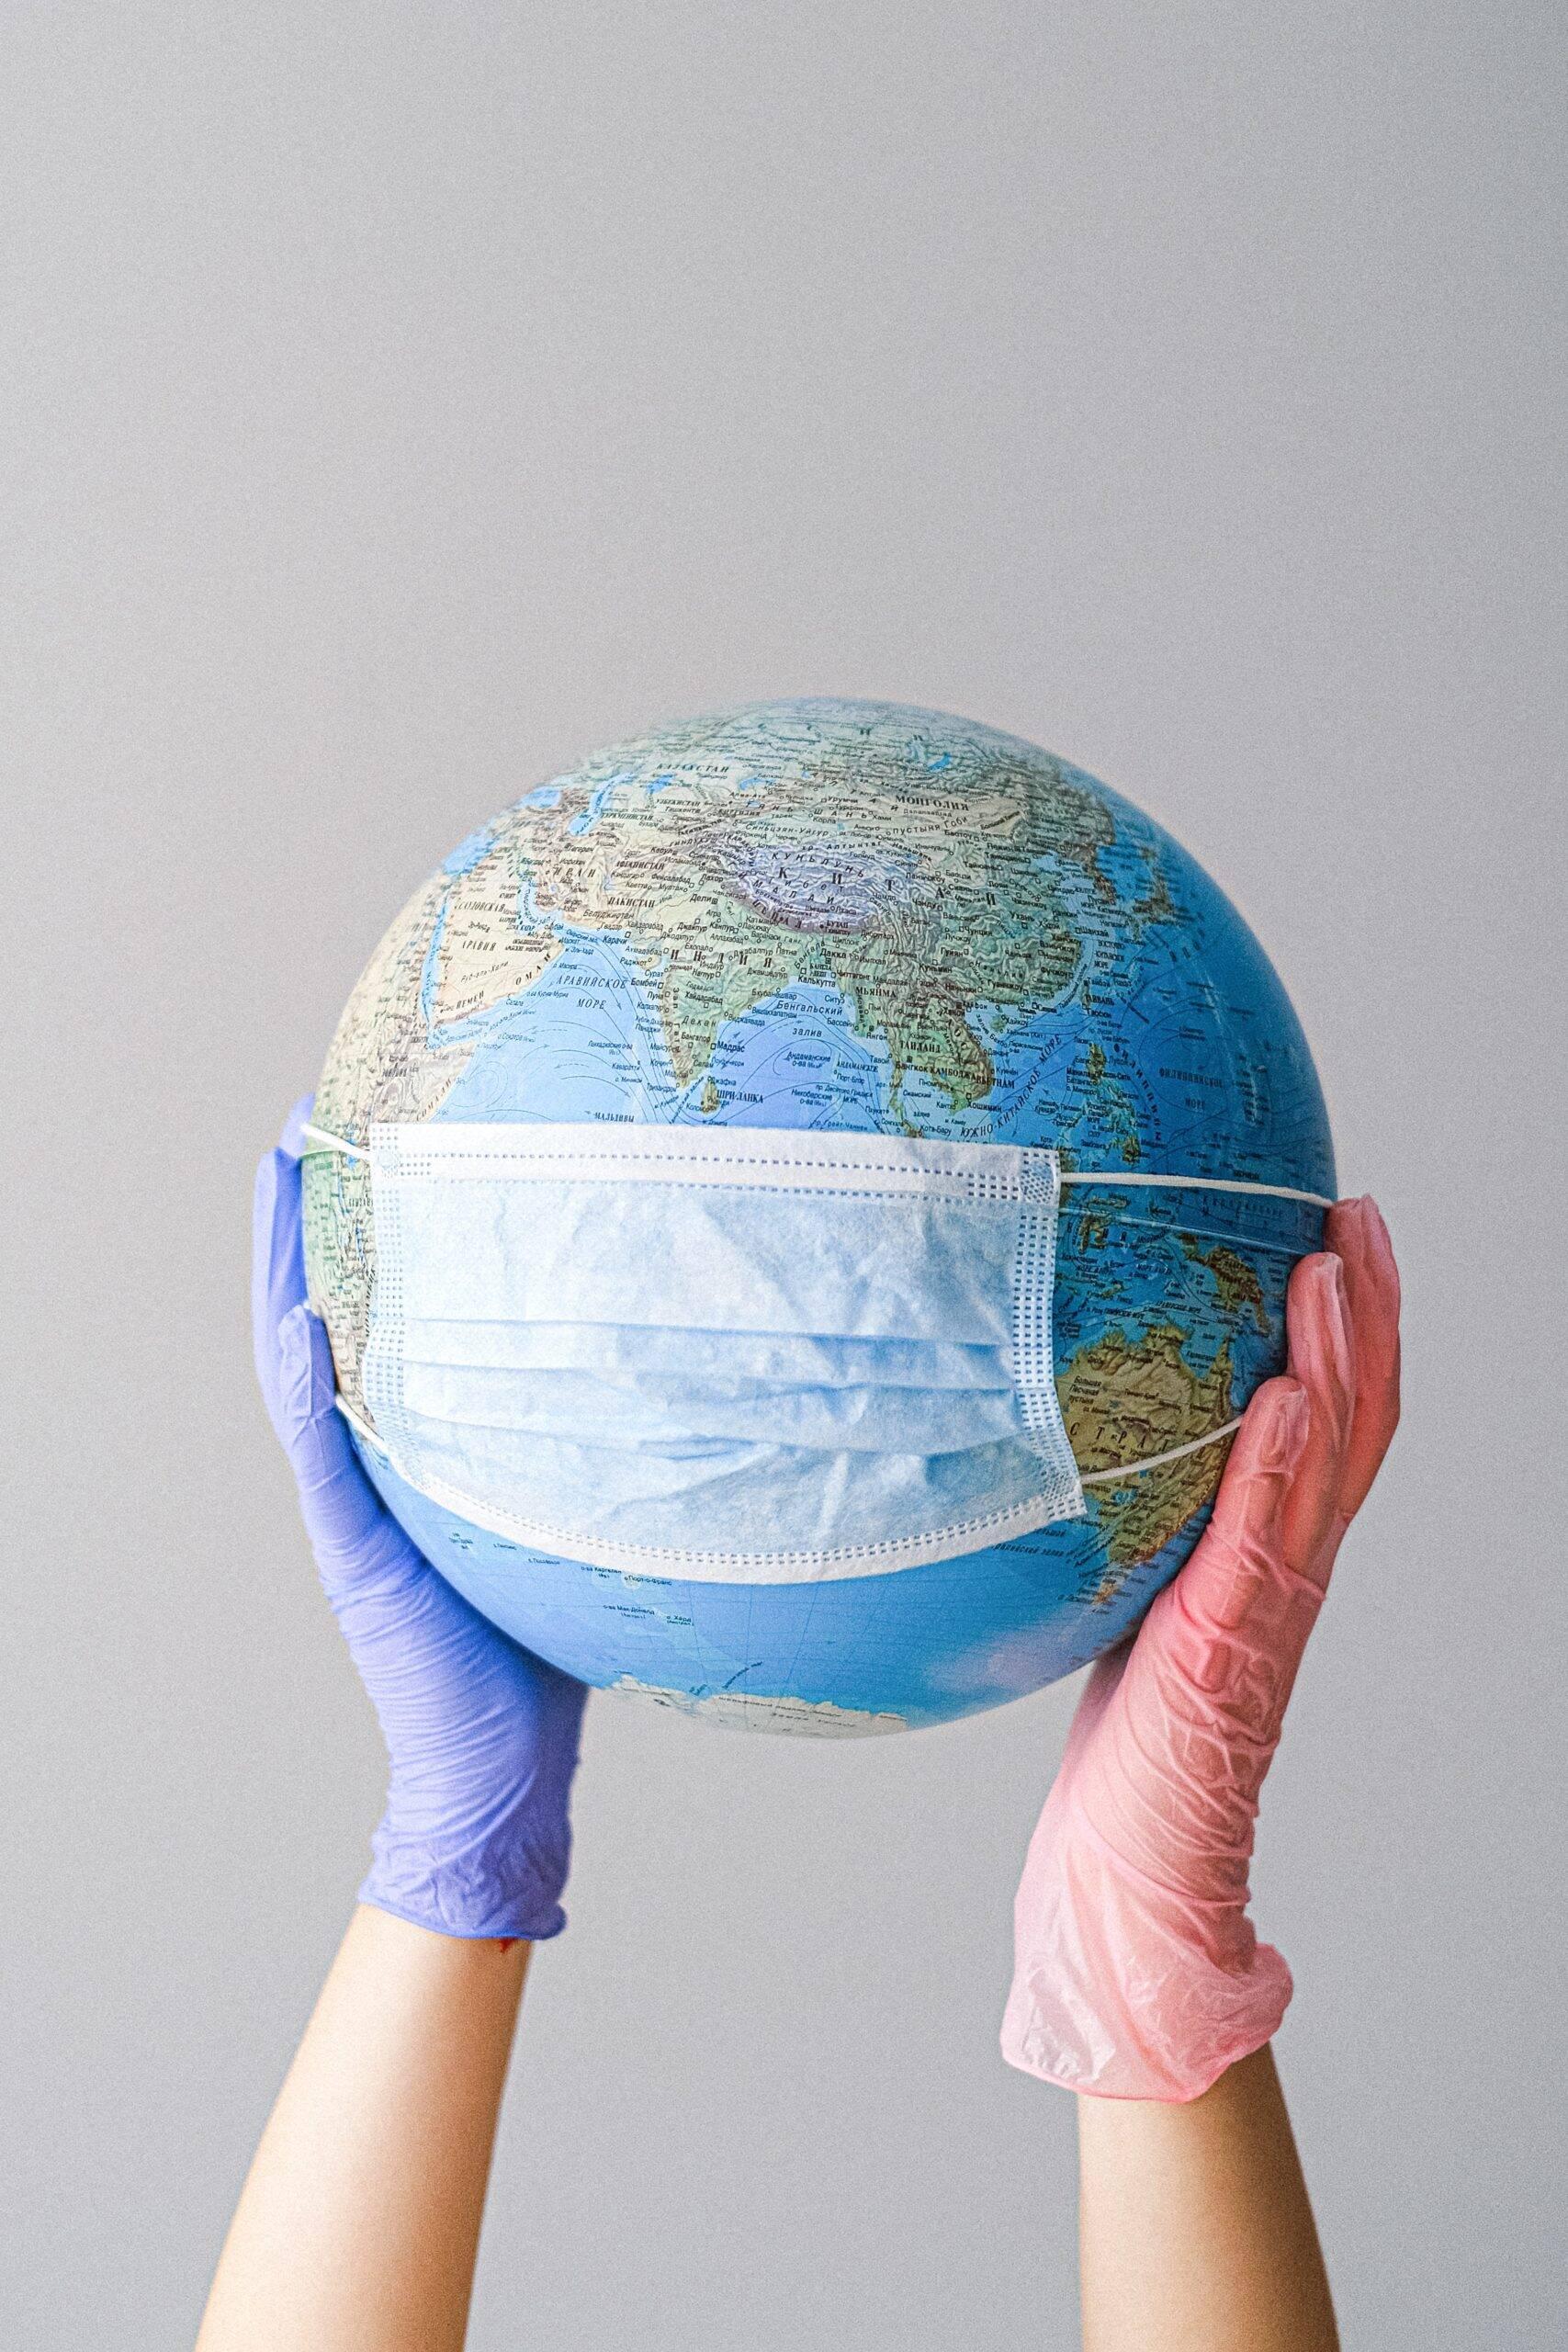 Posteriormente a vacina será vendida a todos os países do mundo que tiverem interesse em comprá-la. (Foto: Pexels)